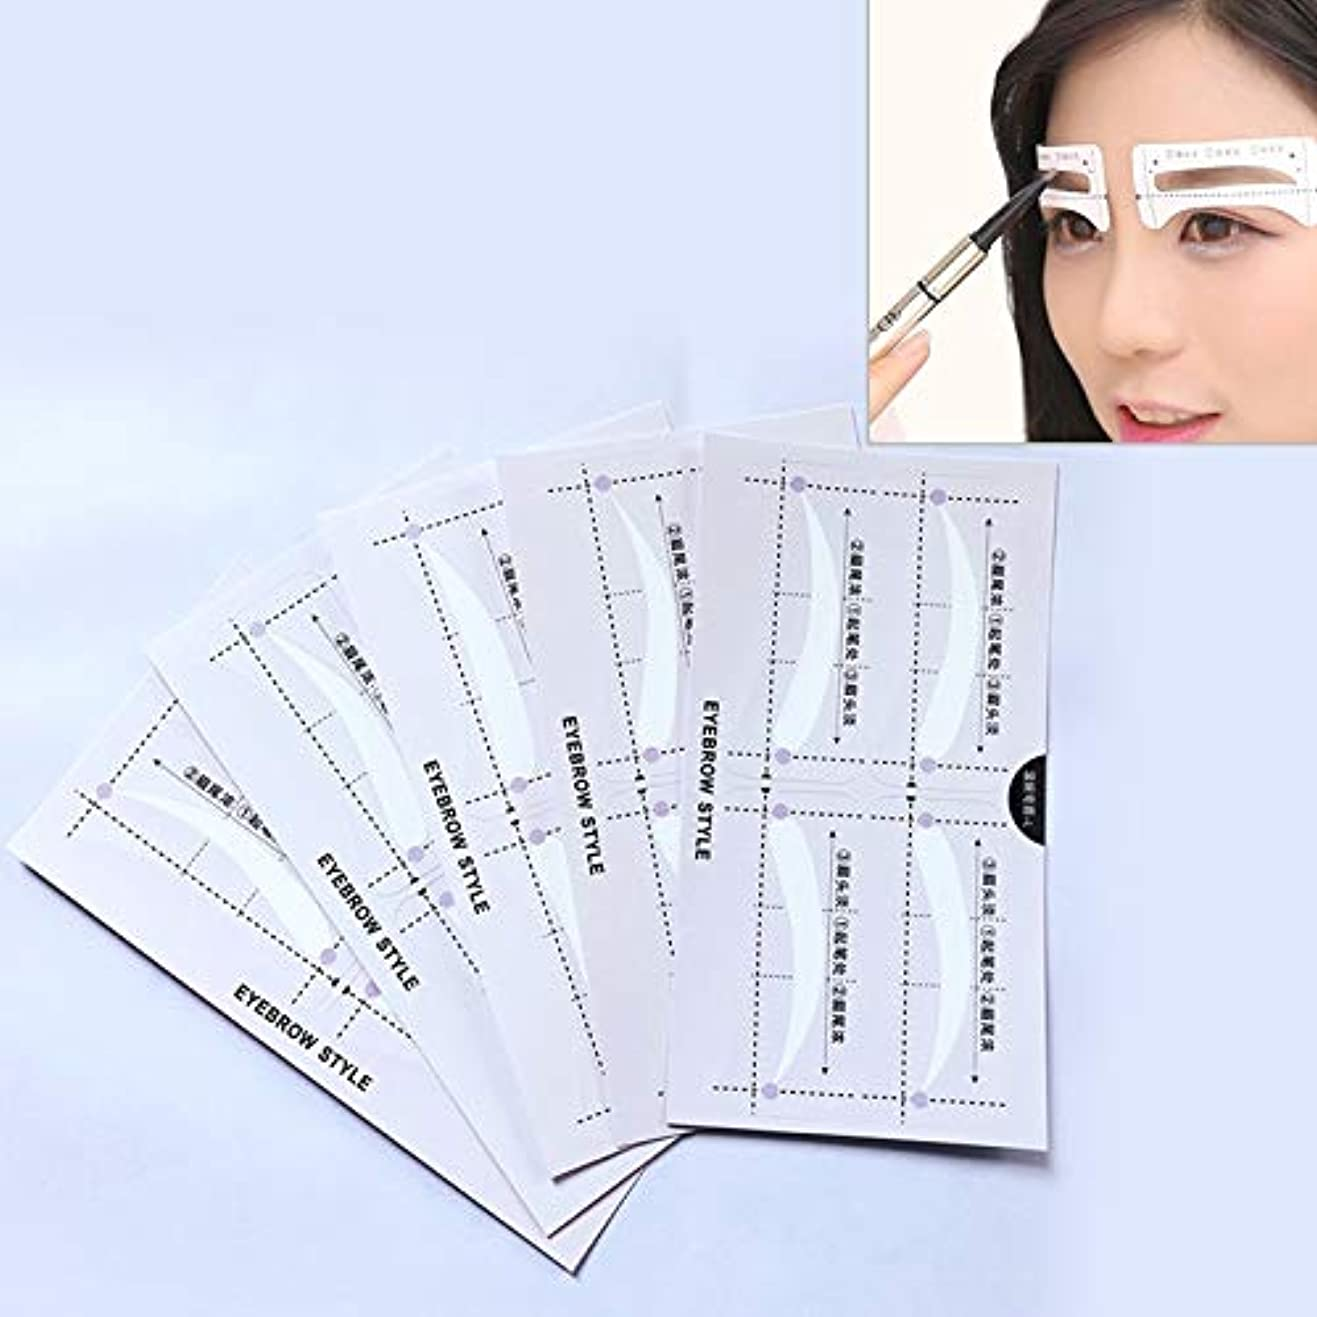 シソーラスネズミにじみ出る美容アクセサリー 10ペア眉ステンシル形状テンプレート化粧ステッカー 写真美容アクセサリー